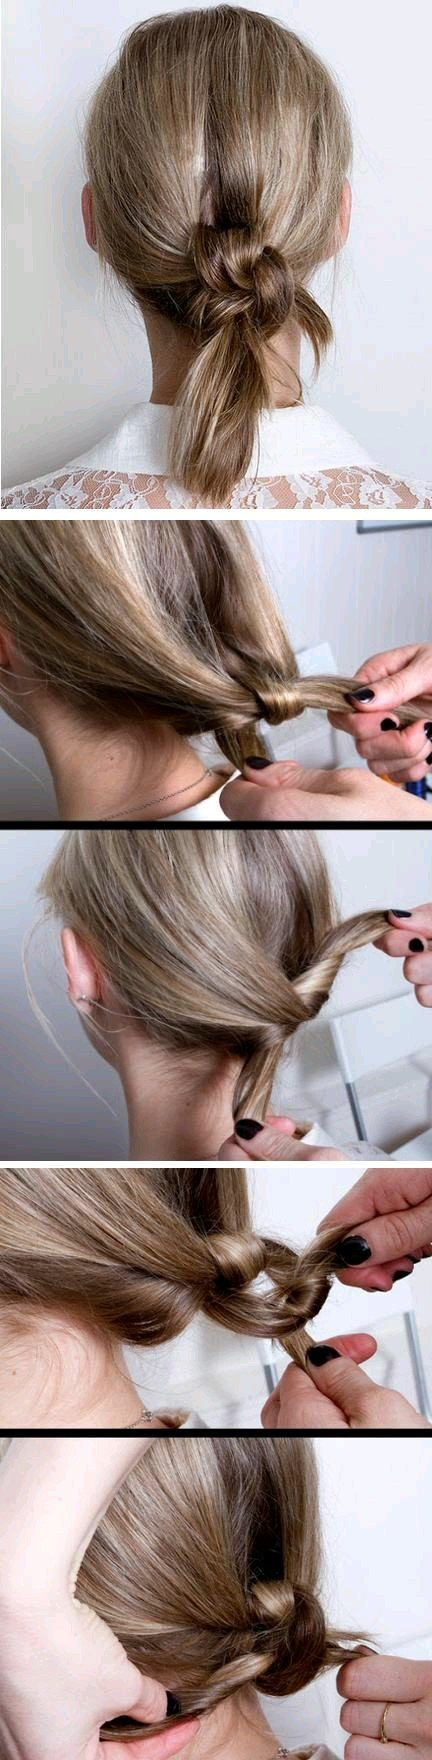 طريقة ربط الشعر ببعضه على شكل جدلة بالصور #تسريحات